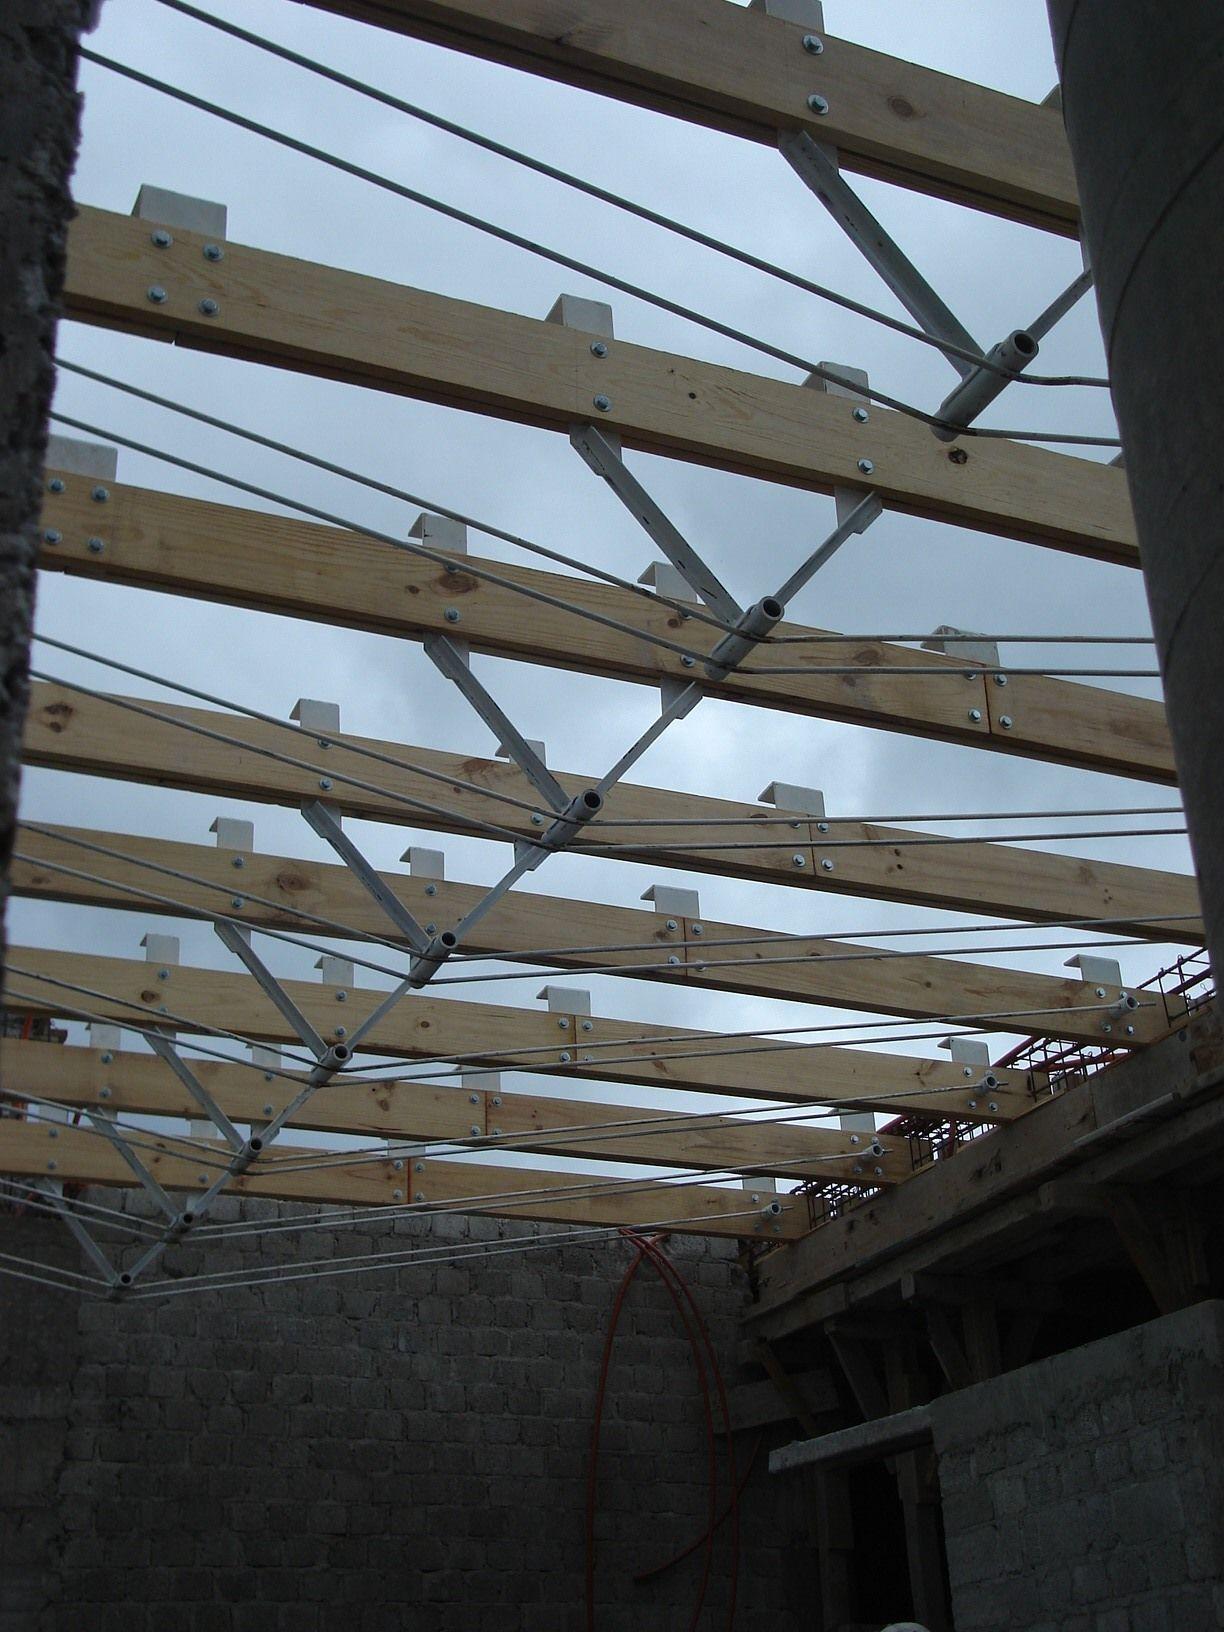 Cubierta de madera con tensores de acero en construcci n for Cubiertas para casas